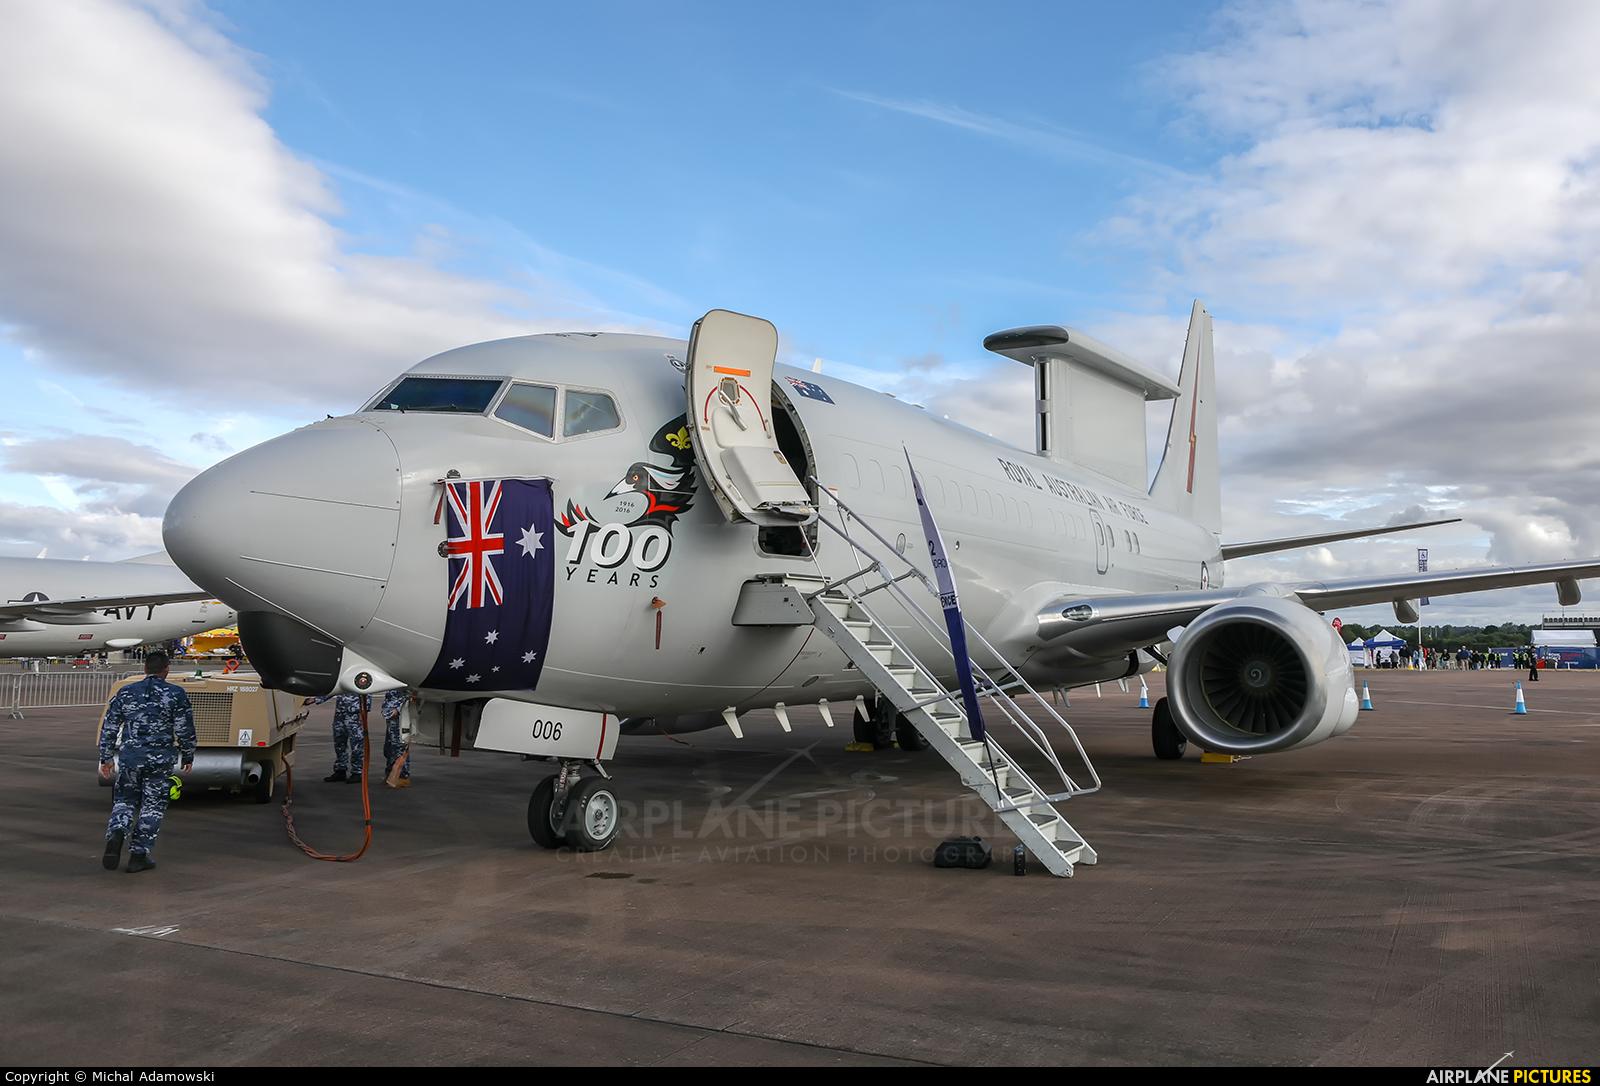 Australia - Air Force A30-006 aircraft at Fairford